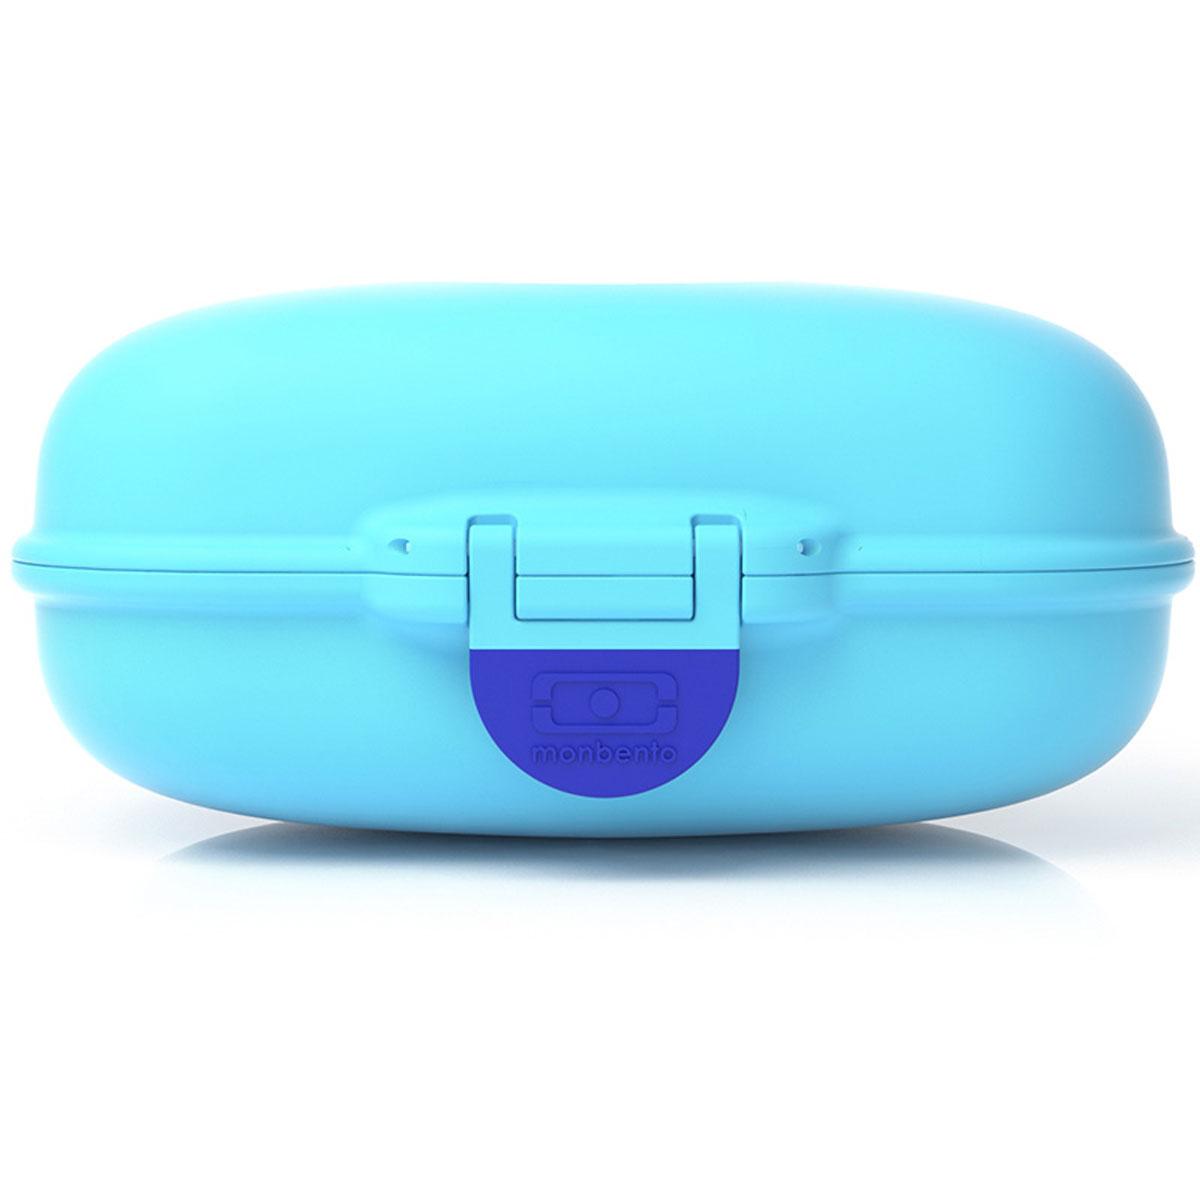 Ланчбокс Monbento Gram, цвет: ежевичный, 600 мл3000 02 004Ланчбокс Monbento Gram изготовлен из высококачественного пищевого пластика. Предназначен для хранения и переноски пищевых продуктов. Ланчбокс плотно закрывается на защелку. Компактные размеры позволят хранить его в любой сумке. Ланчбокс удобно взять с собой на работу, отдых, в поездку. Теперь любимая домашняя еда всегда будет под рукой, а яркий дизайн поднимет настроение и подарит заряд позитива. Можно использовать в микроволновой печи и для хранения пищи в холодильнике, можно мыть в посудомоечной машине.Объем: 600 мл. Размер ланчбокса: 15 см х 10 см х 7 см.